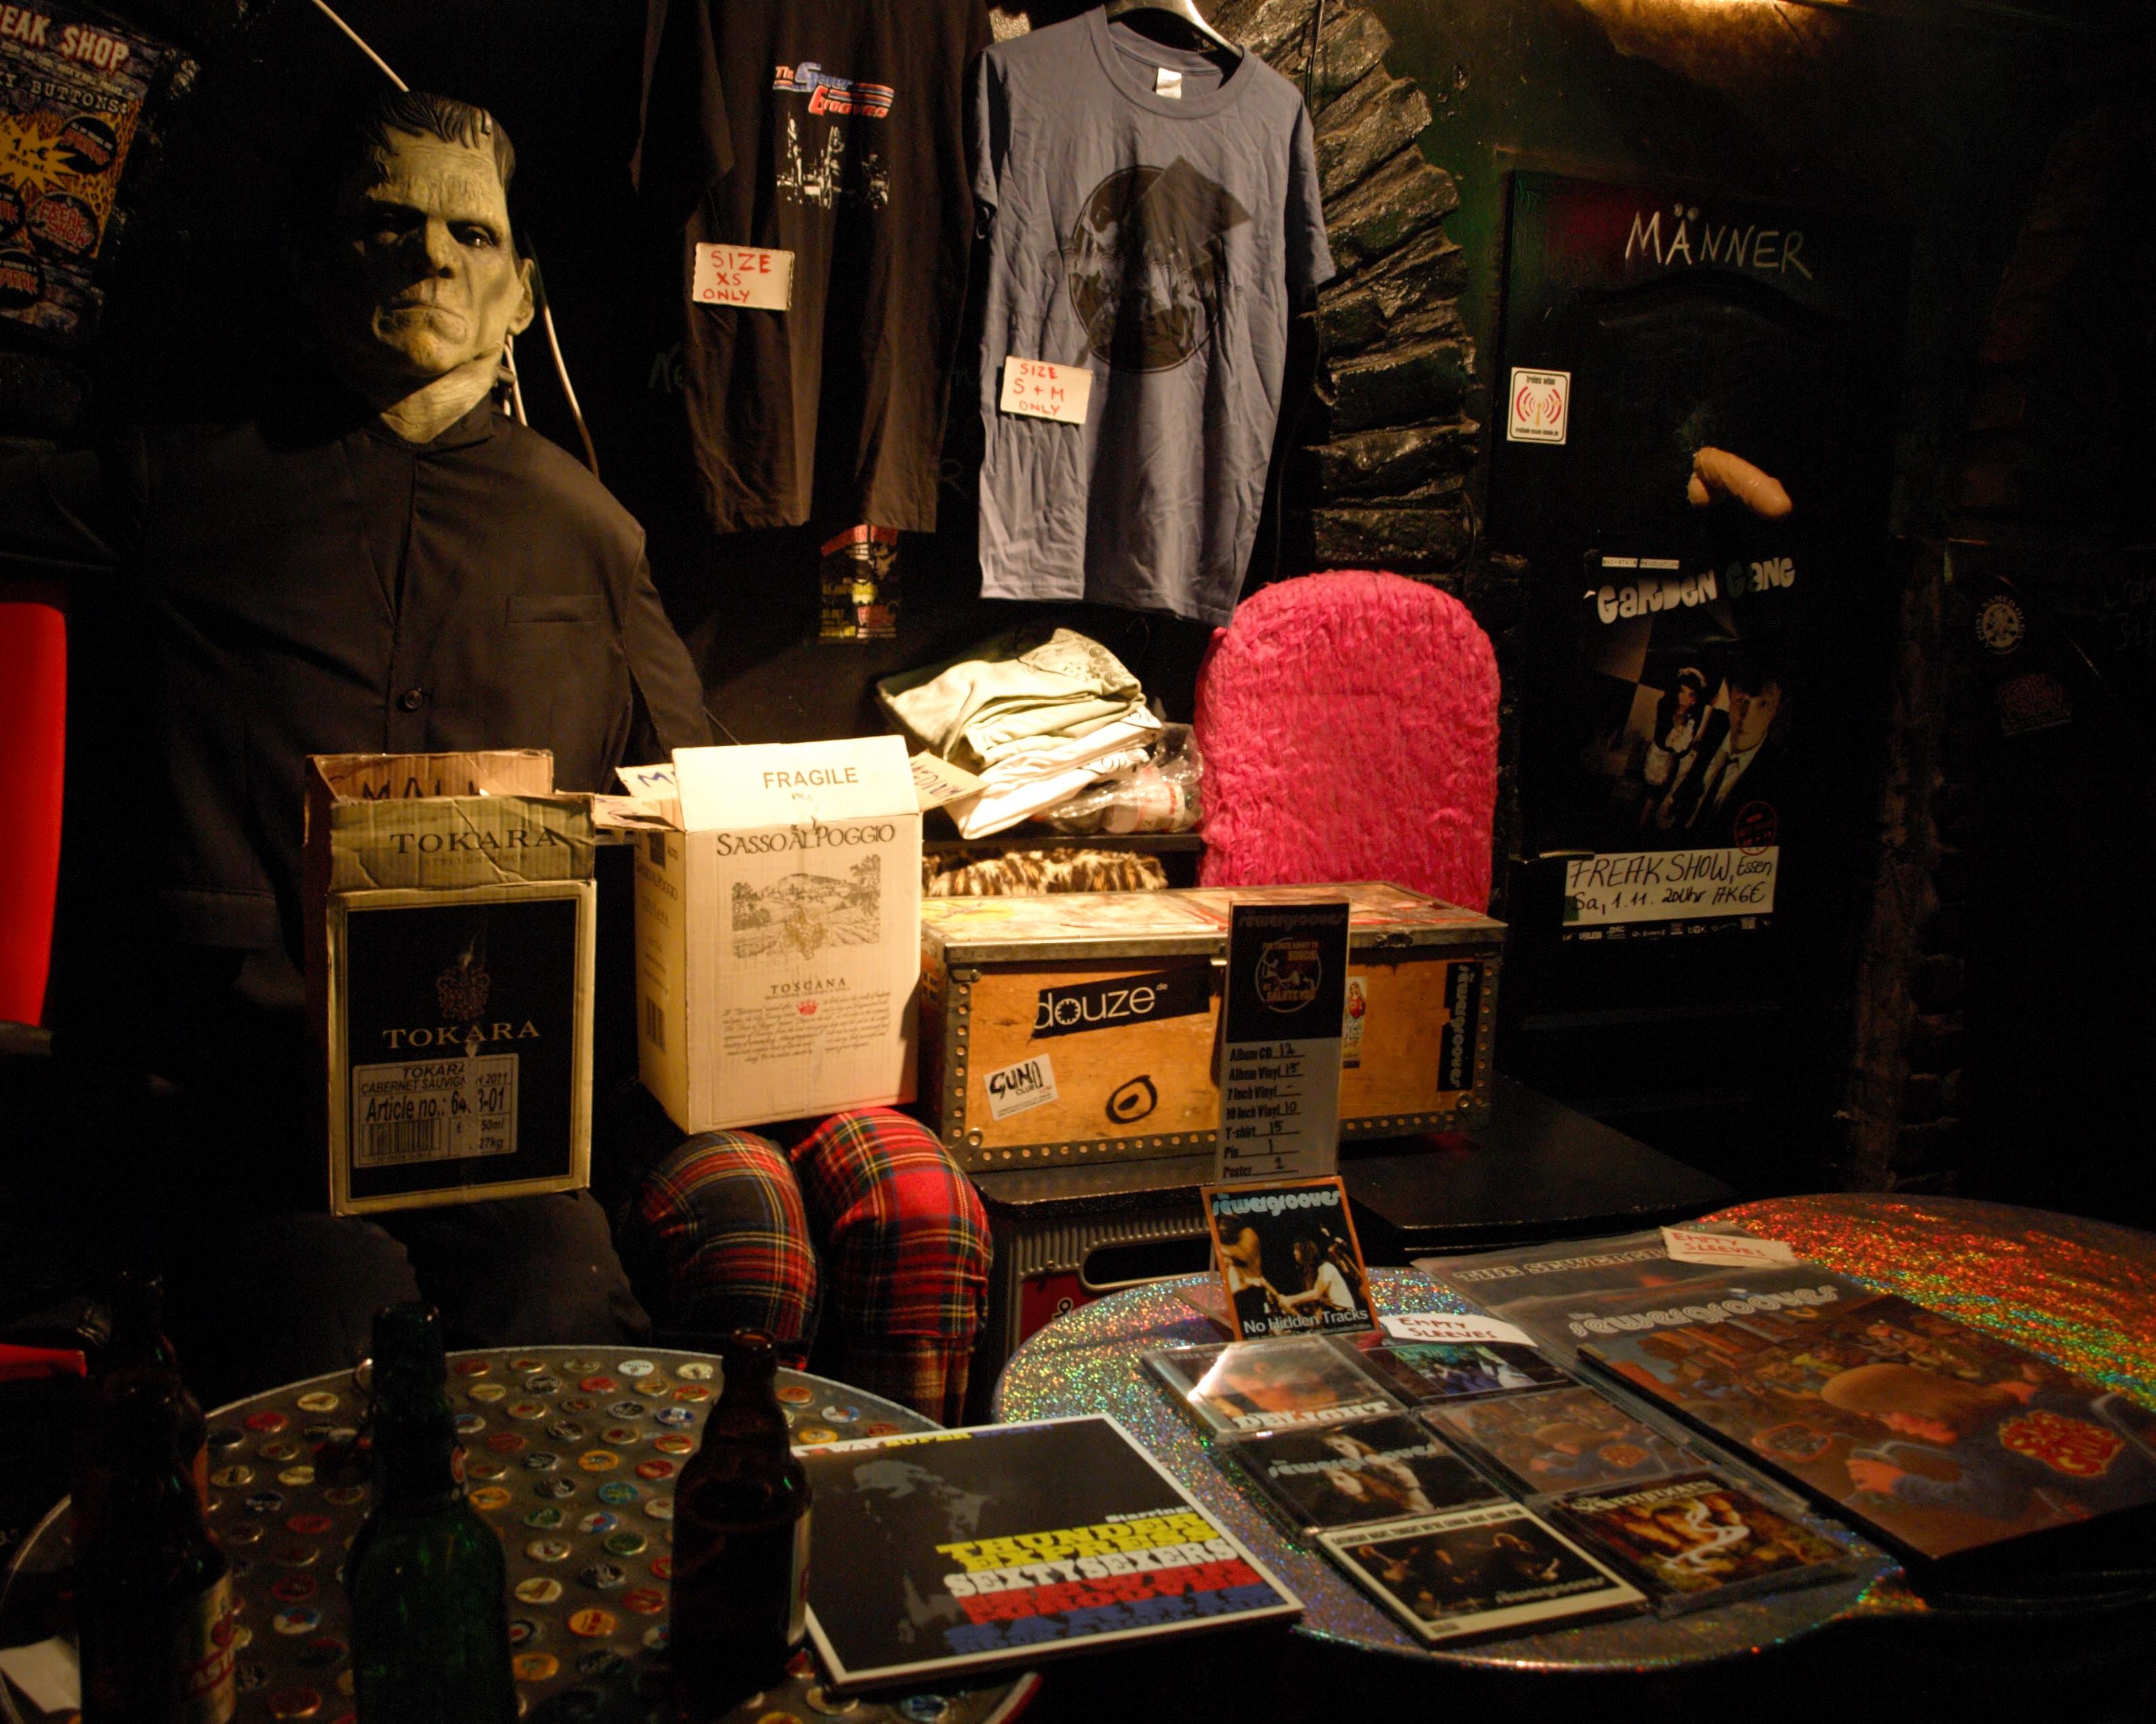 Das Sewergrooves-Merchandise ist aufgebaut - Frankenstein gehört zur Freak Show.